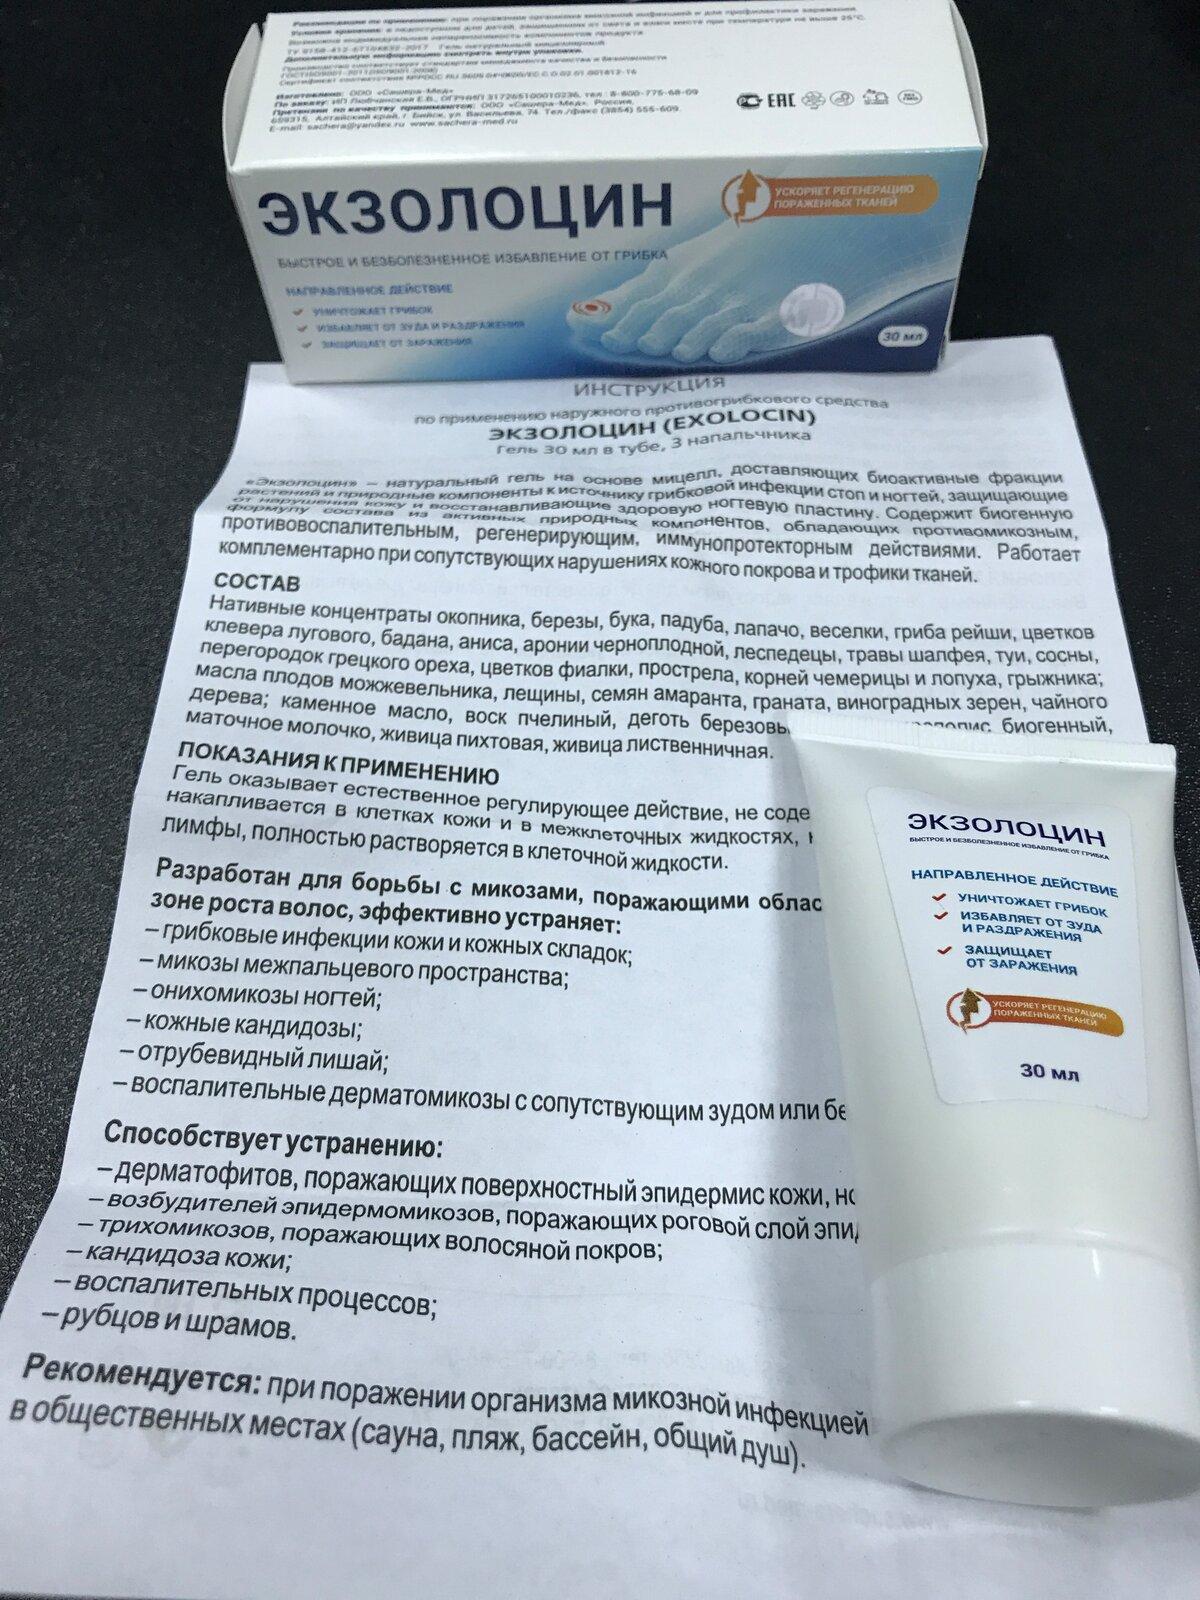 Экзолоцин от грибка в Белой Церкови